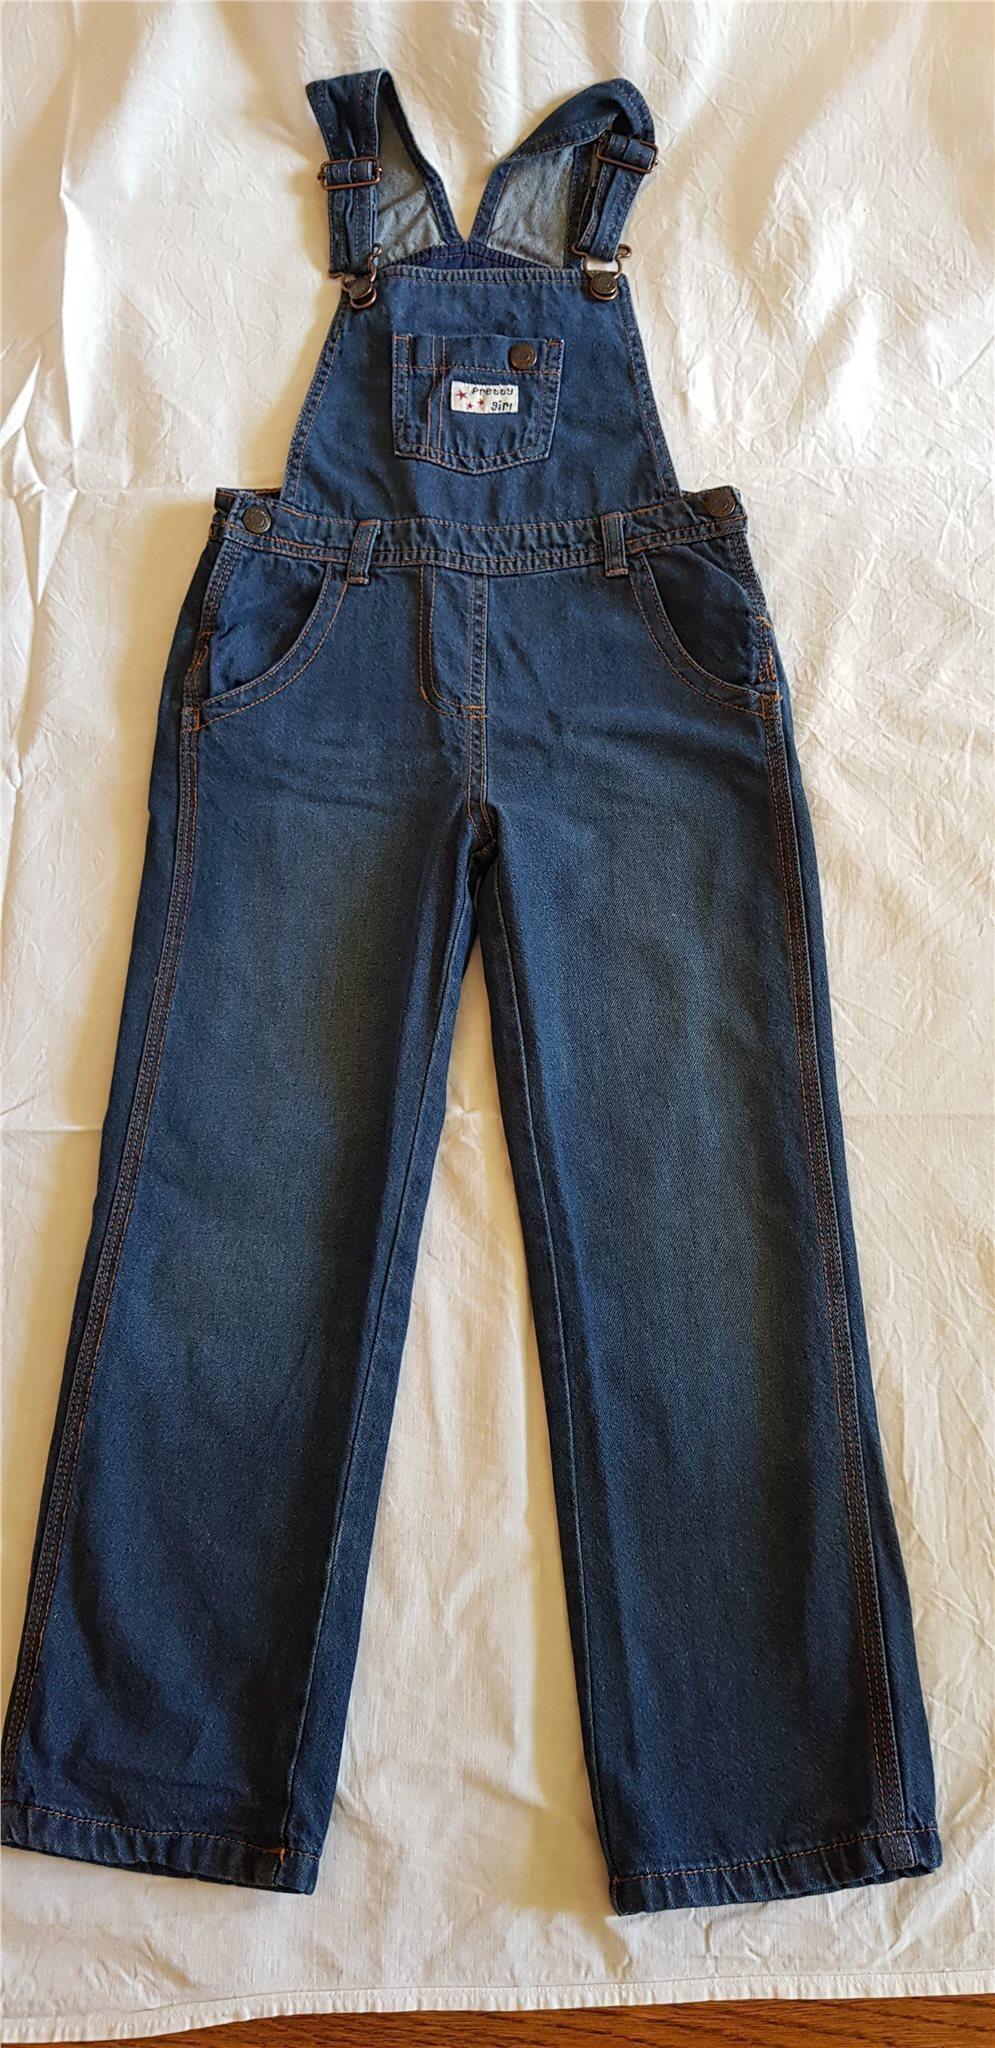 Hängslebyxor Fodrade Jeans Mörkblå Blå LUPILU S.. (330517043) ᐈ Köp ... 5684adb7760fe